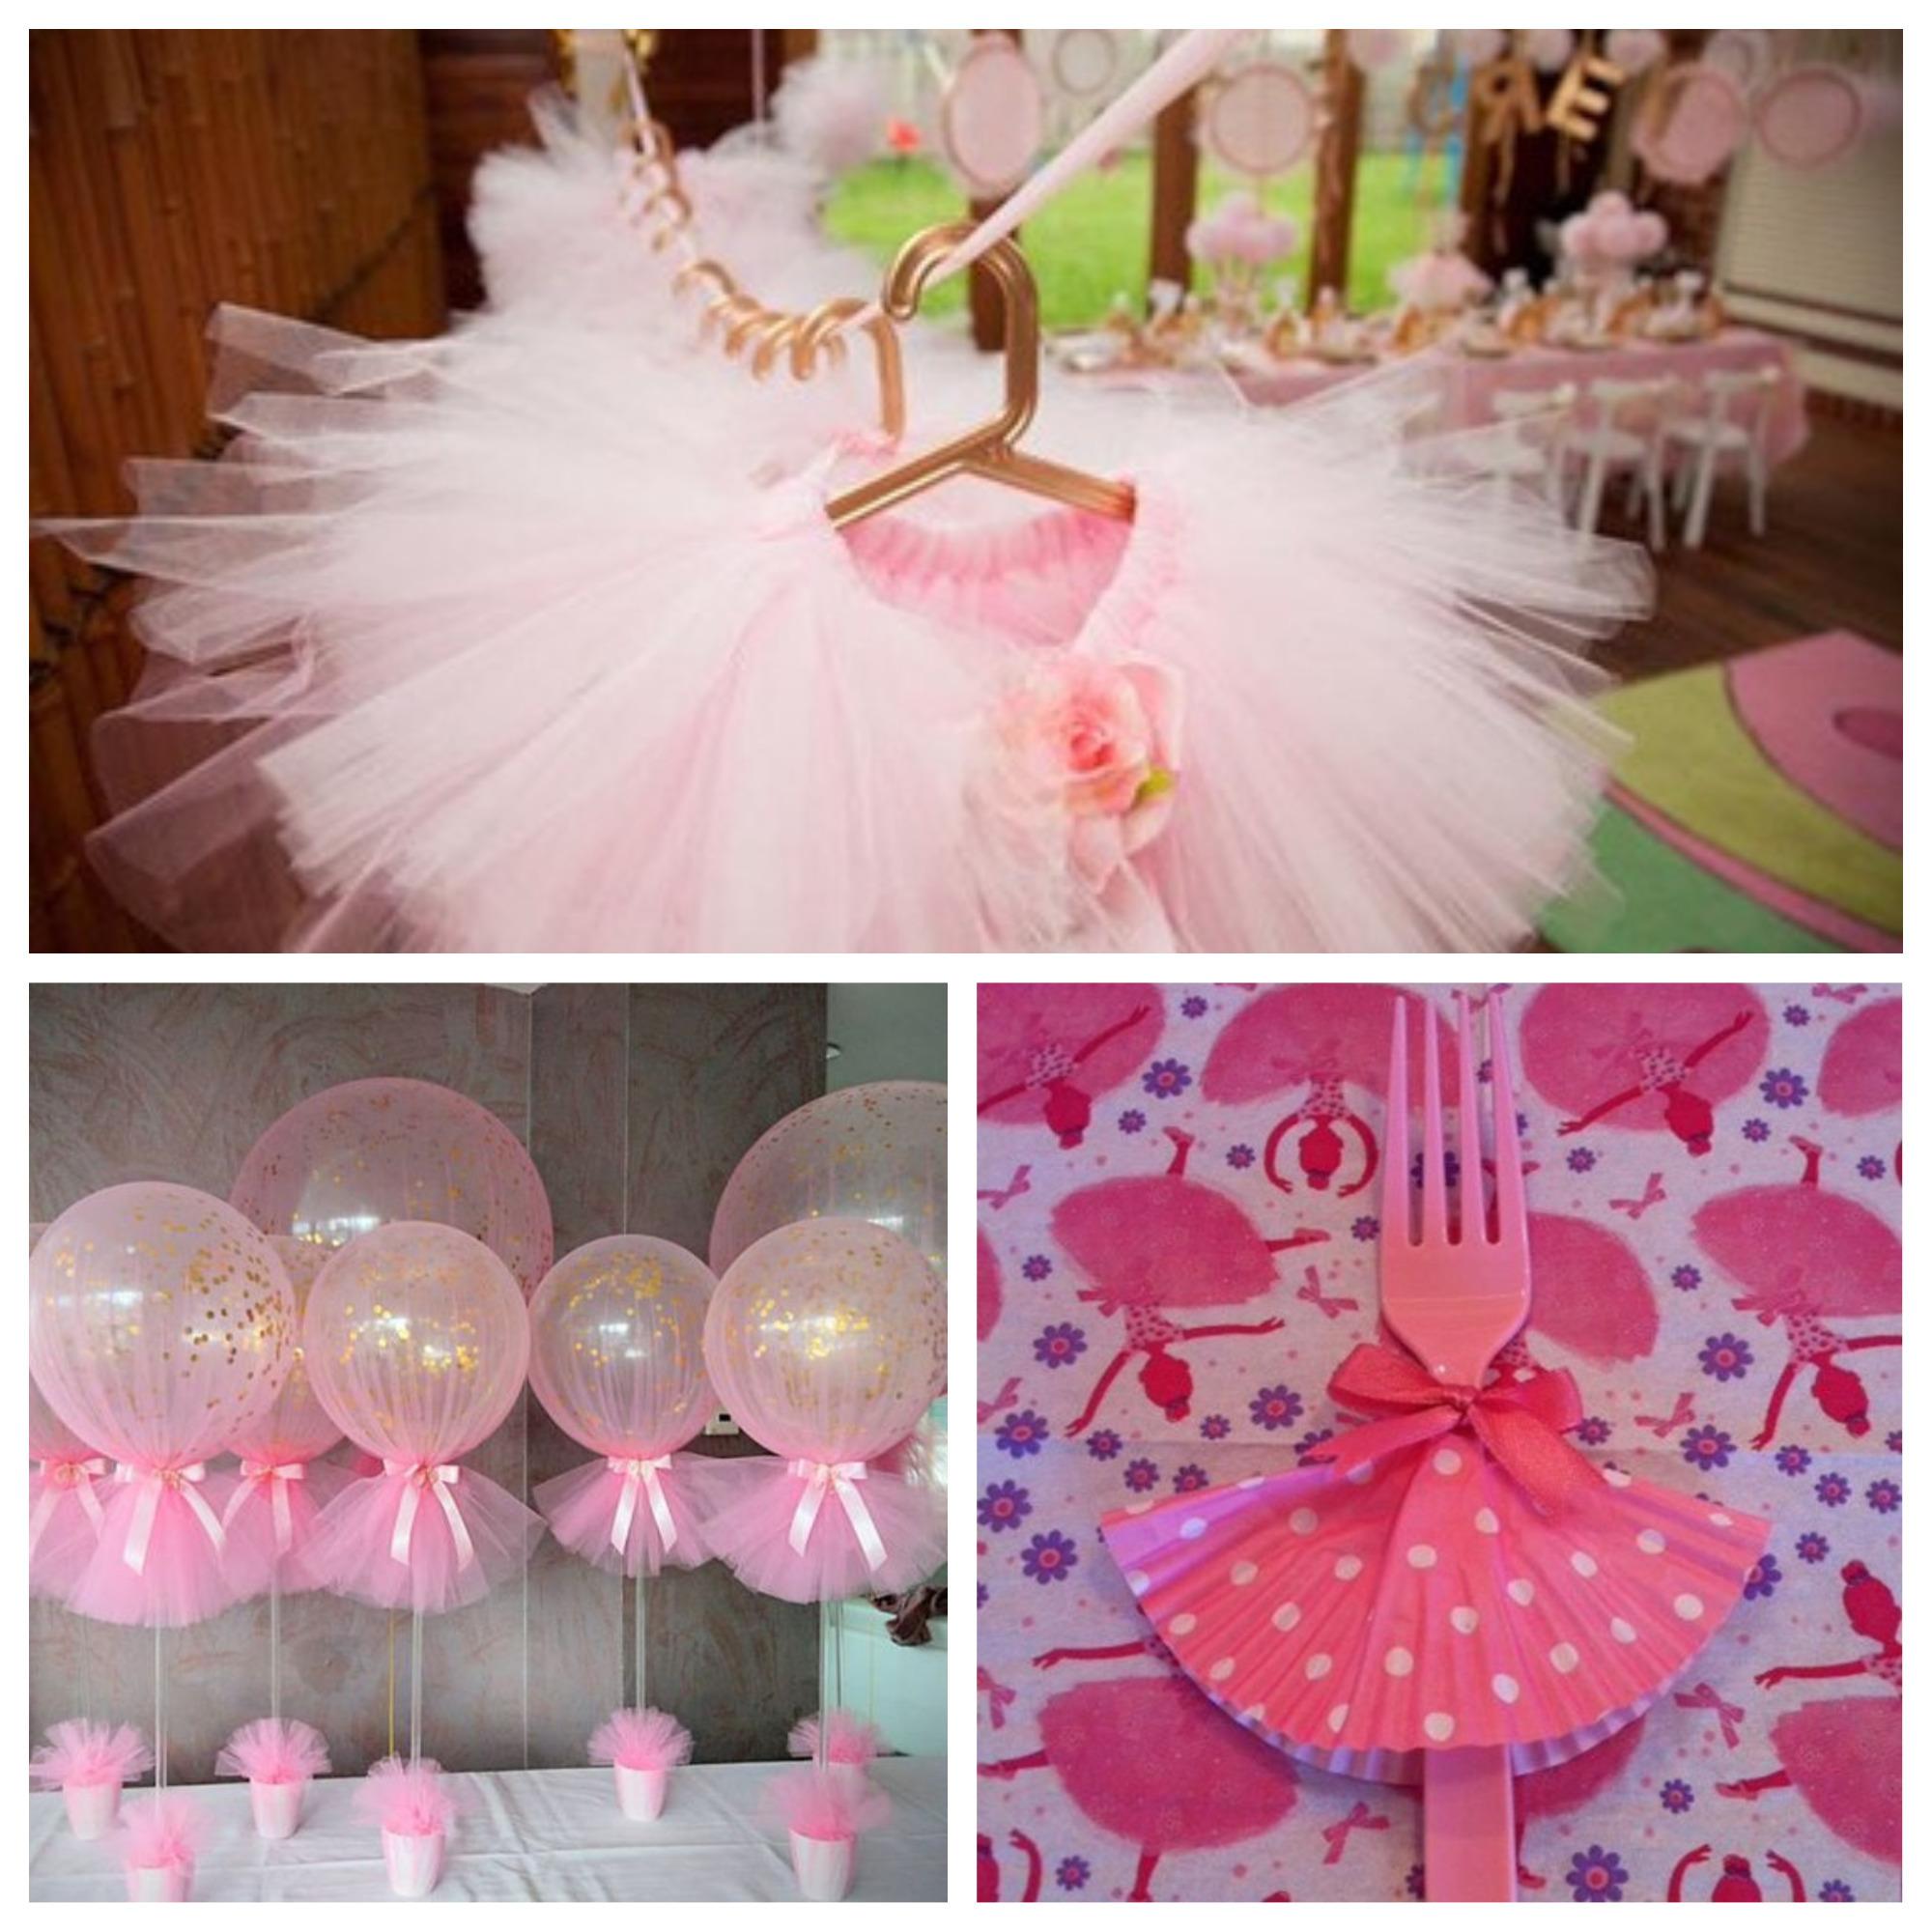 cce5dd20ce2 Festa Bailarina: inspirações lindas para o tema -